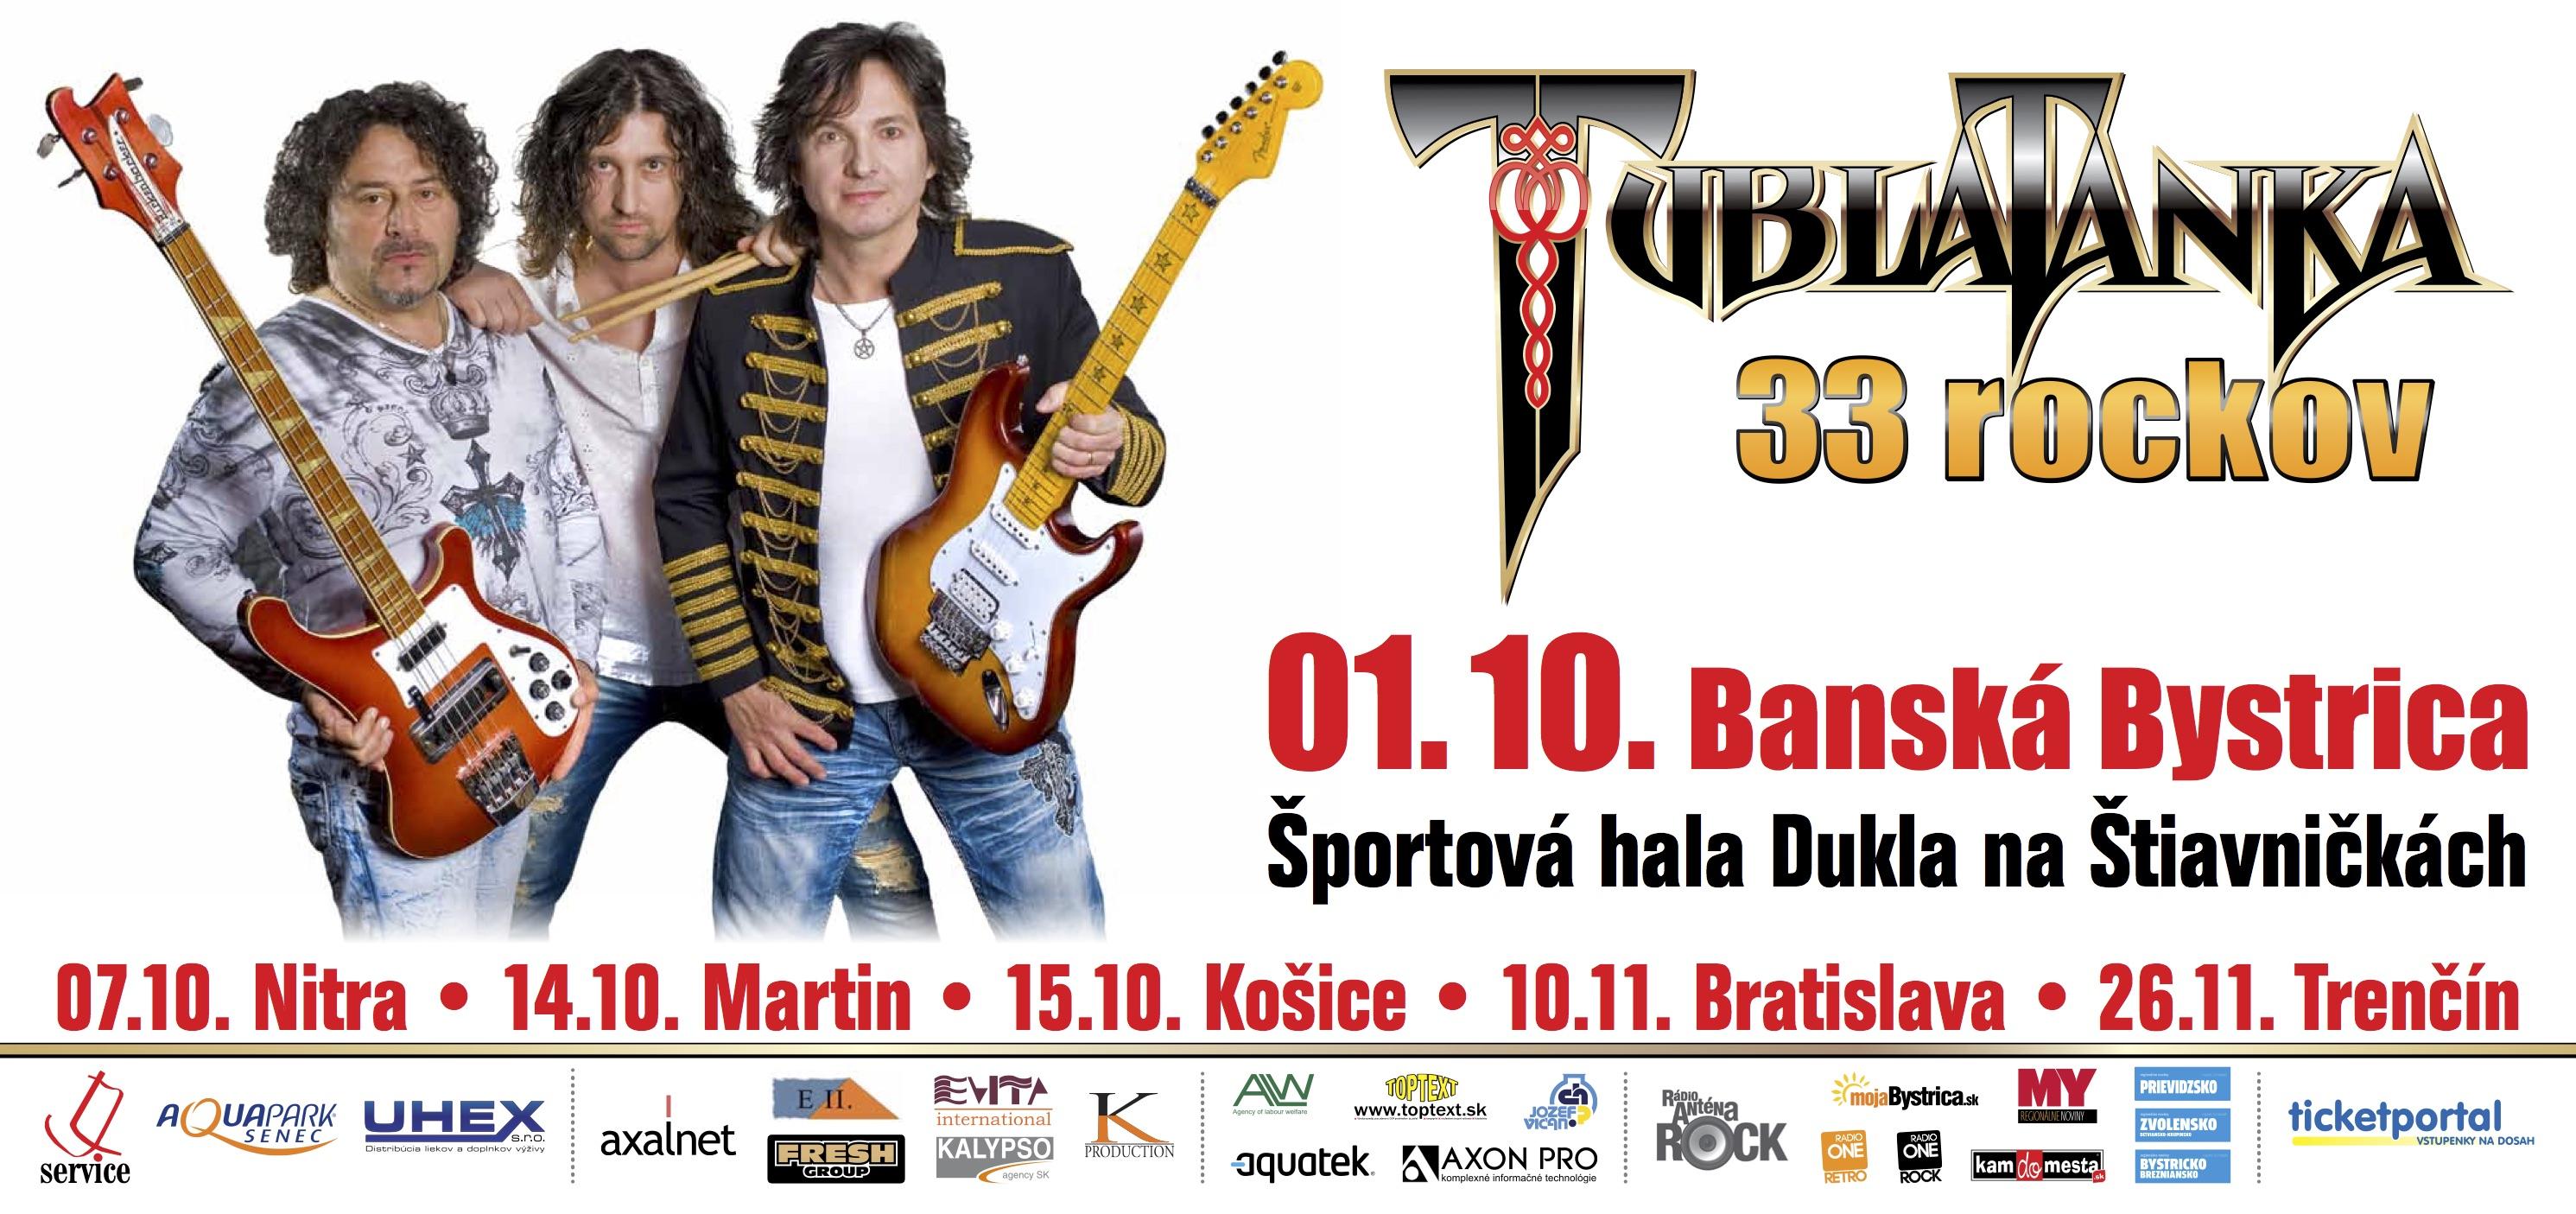 ddae6c5e2db3a TUBLATANKA 33 rockov - oslavovať sa bude - Kam v meste | moja Bystrica